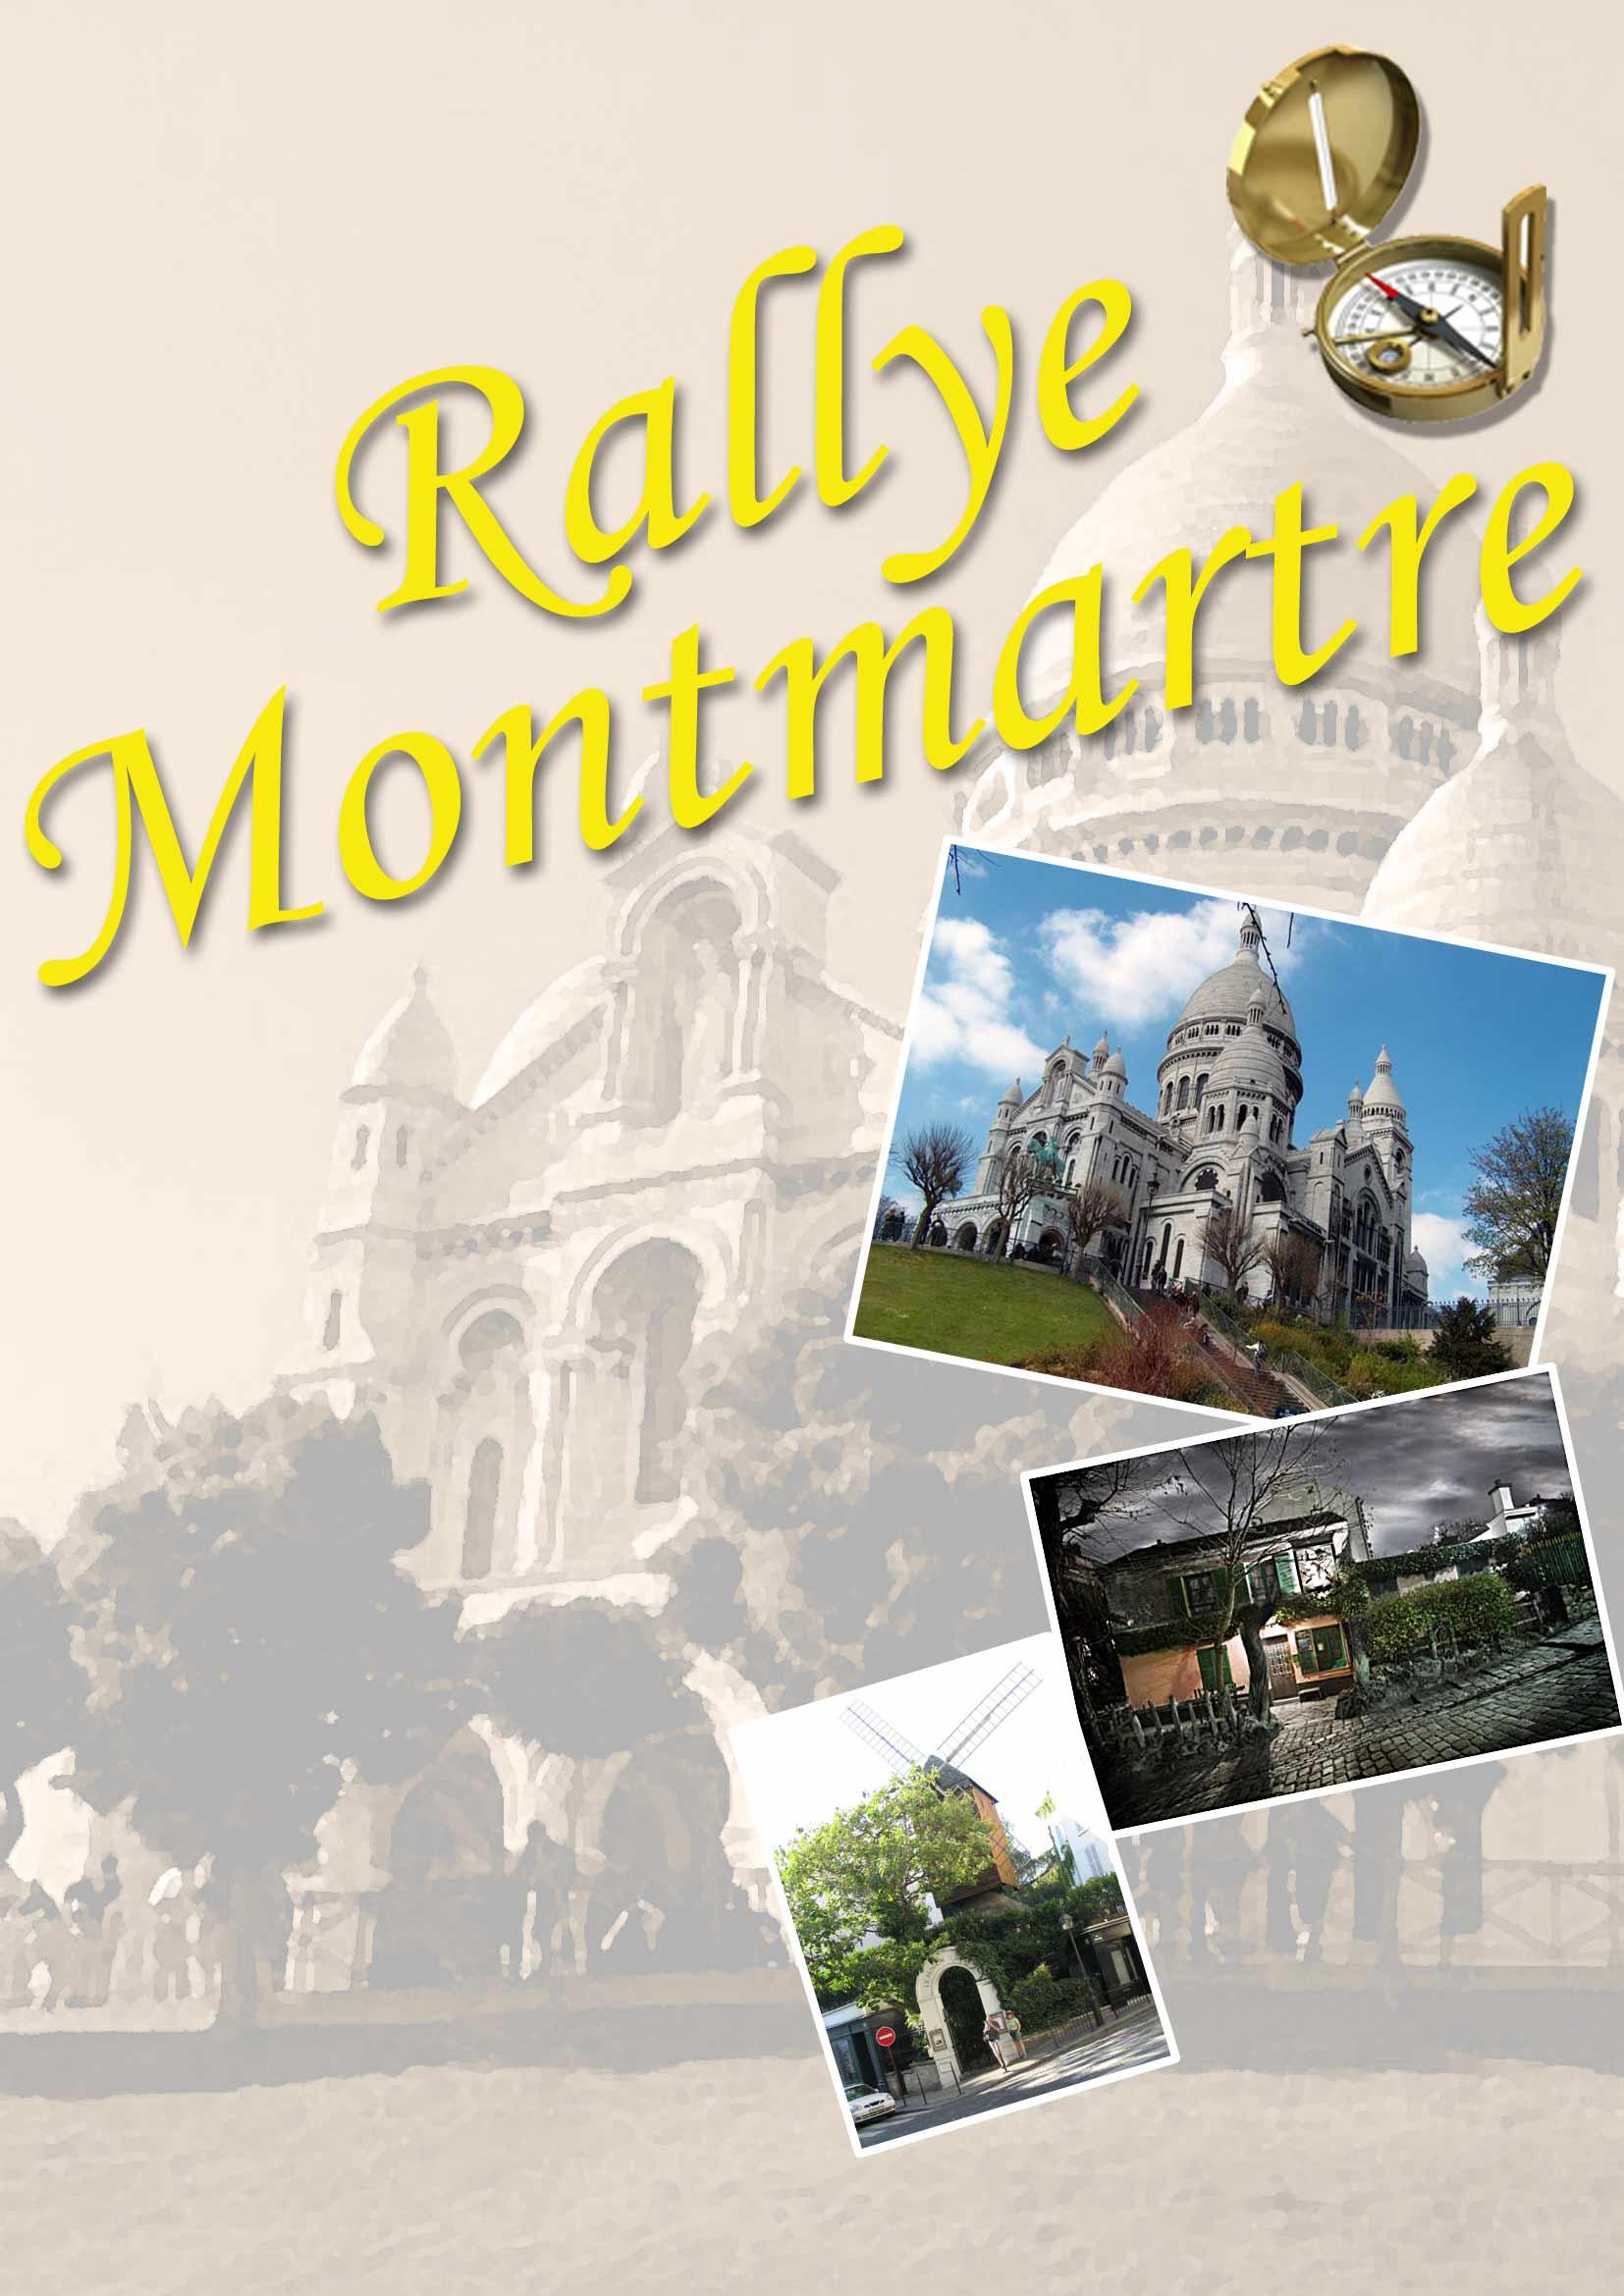 rallye-montmartre